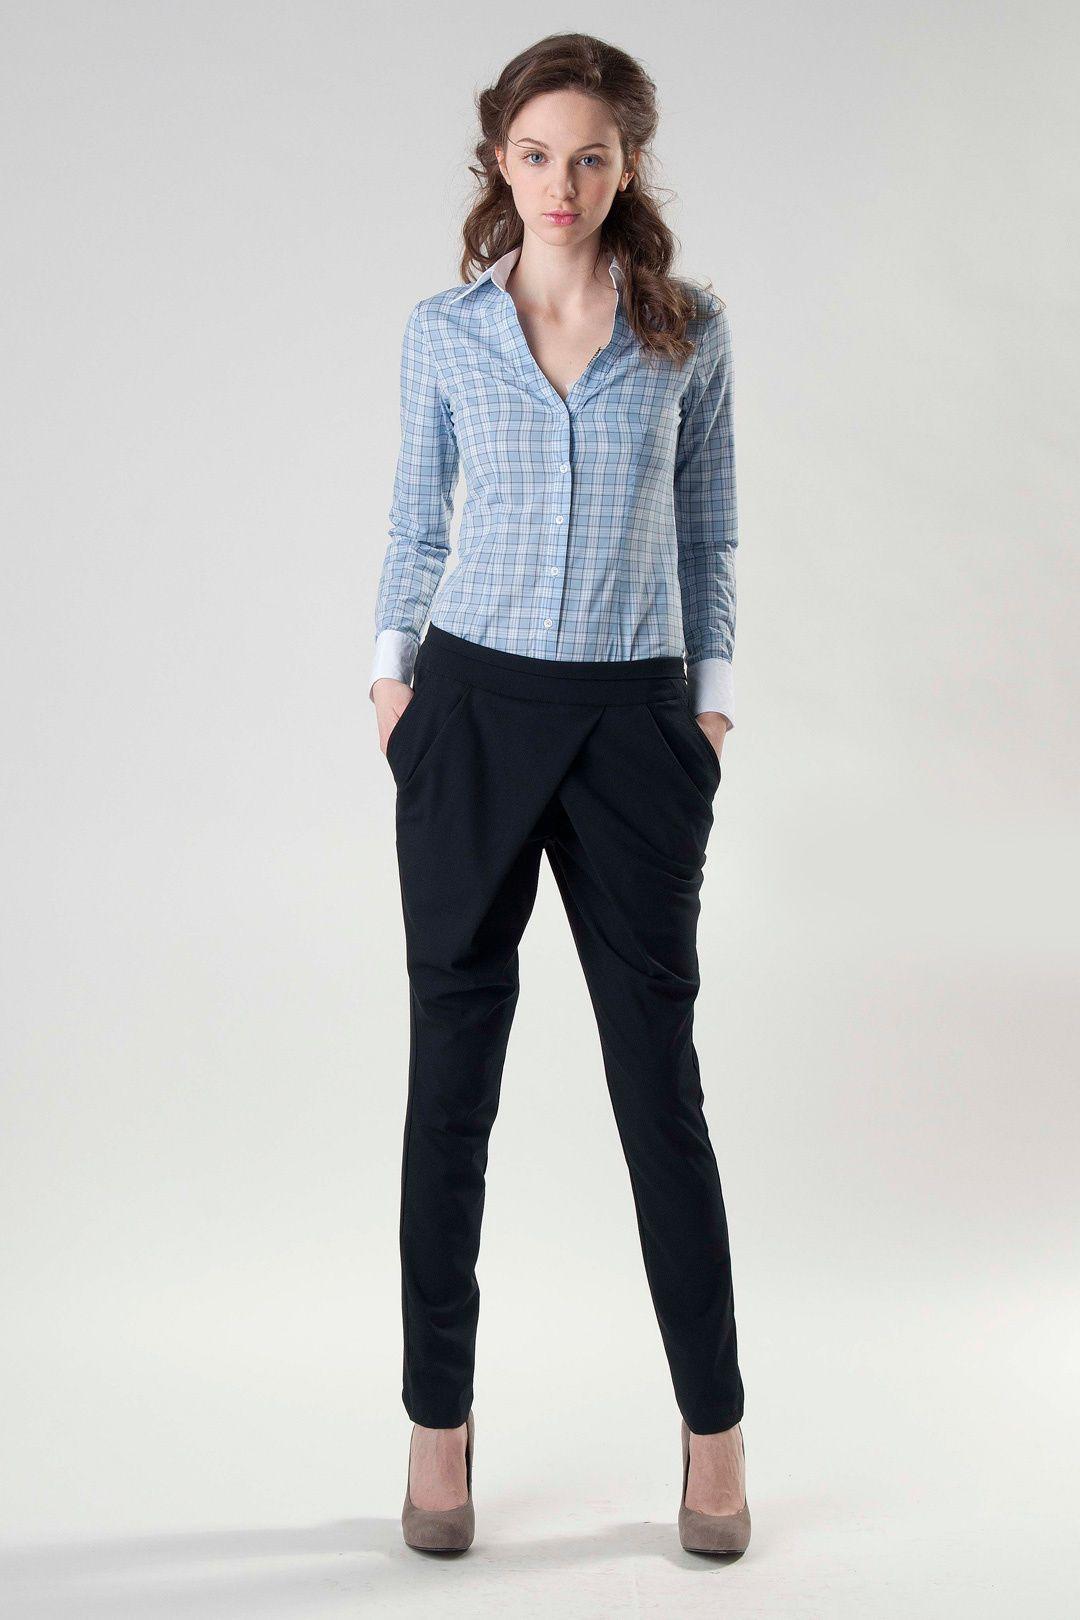 C чем носить голубые брюки: готовое решение в 41 look's